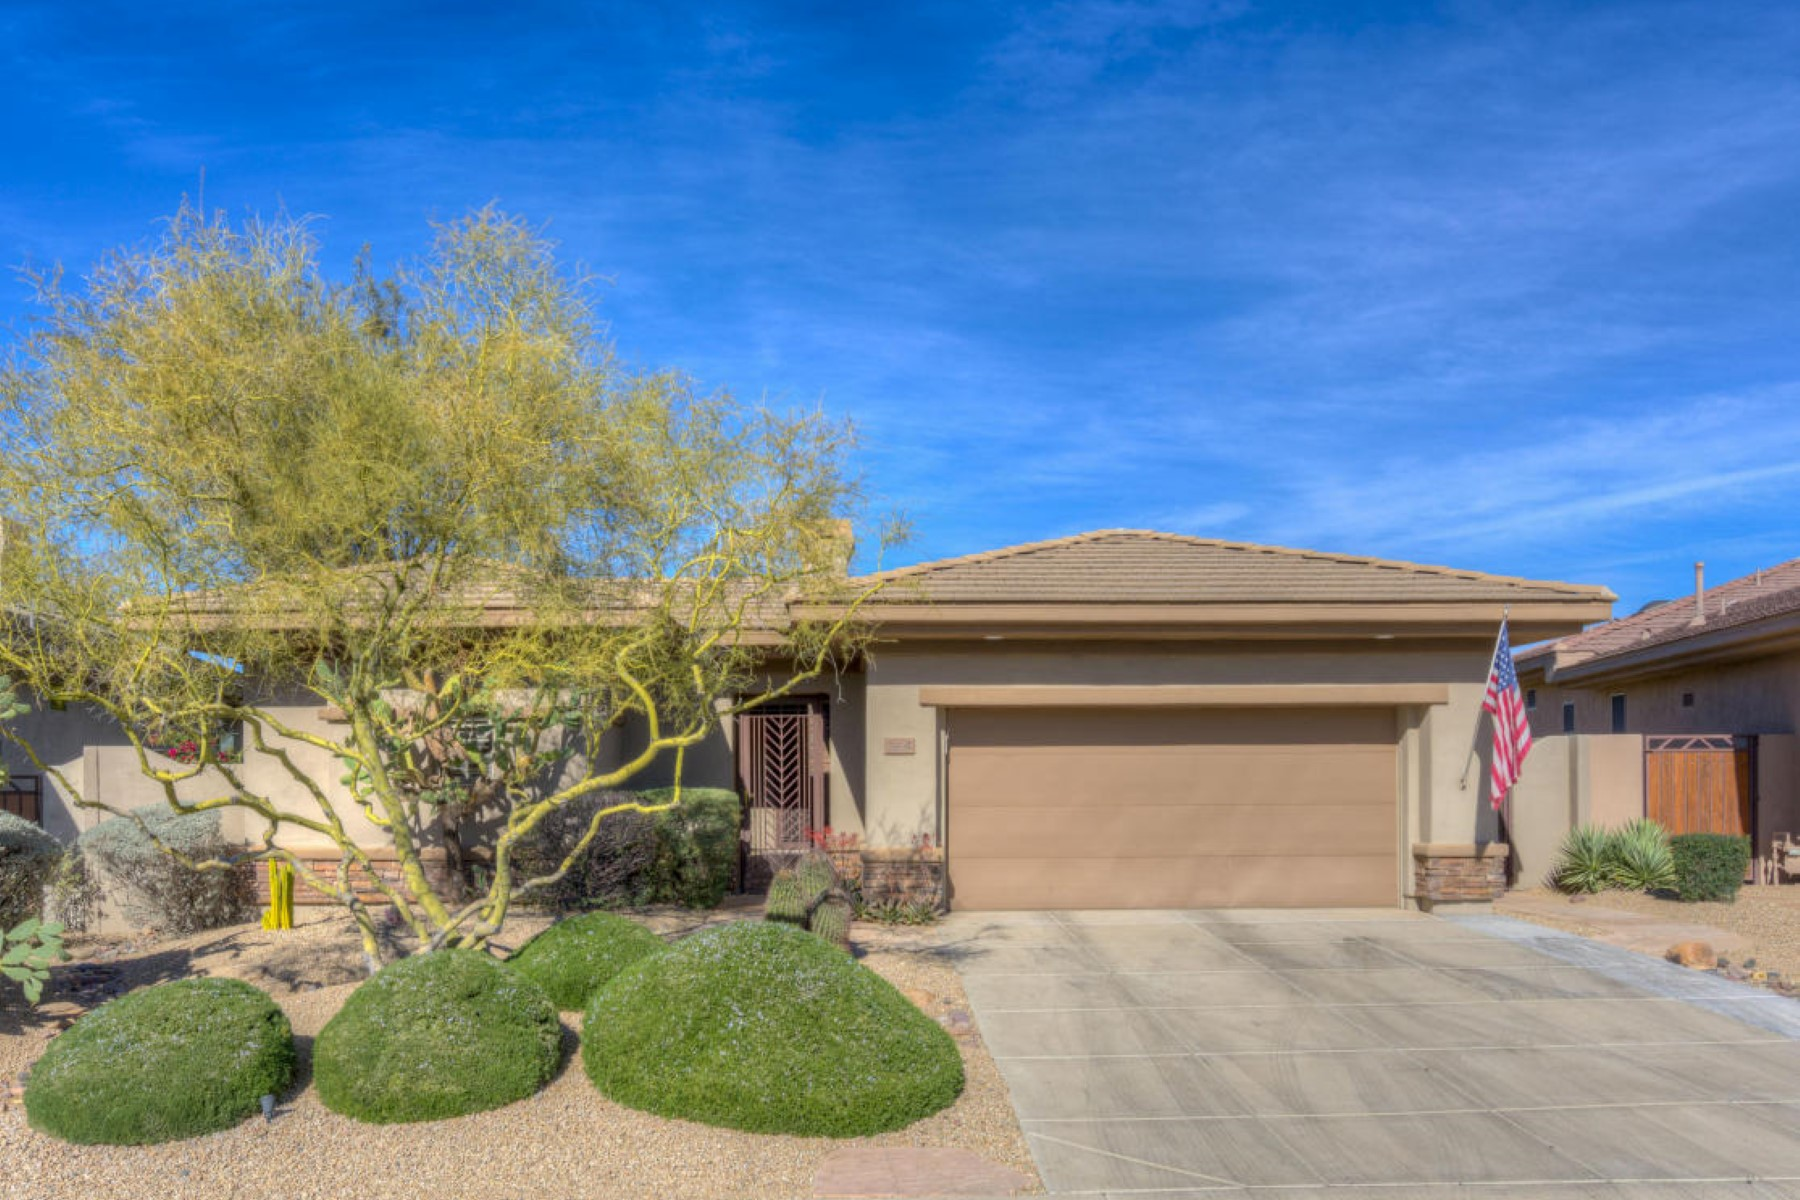 Maison unifamiliale pour l Vente à Beautiful home the wide open space and sunset views 7604 E Balao Dr Scottsdale, Arizona 85266 États-Unis